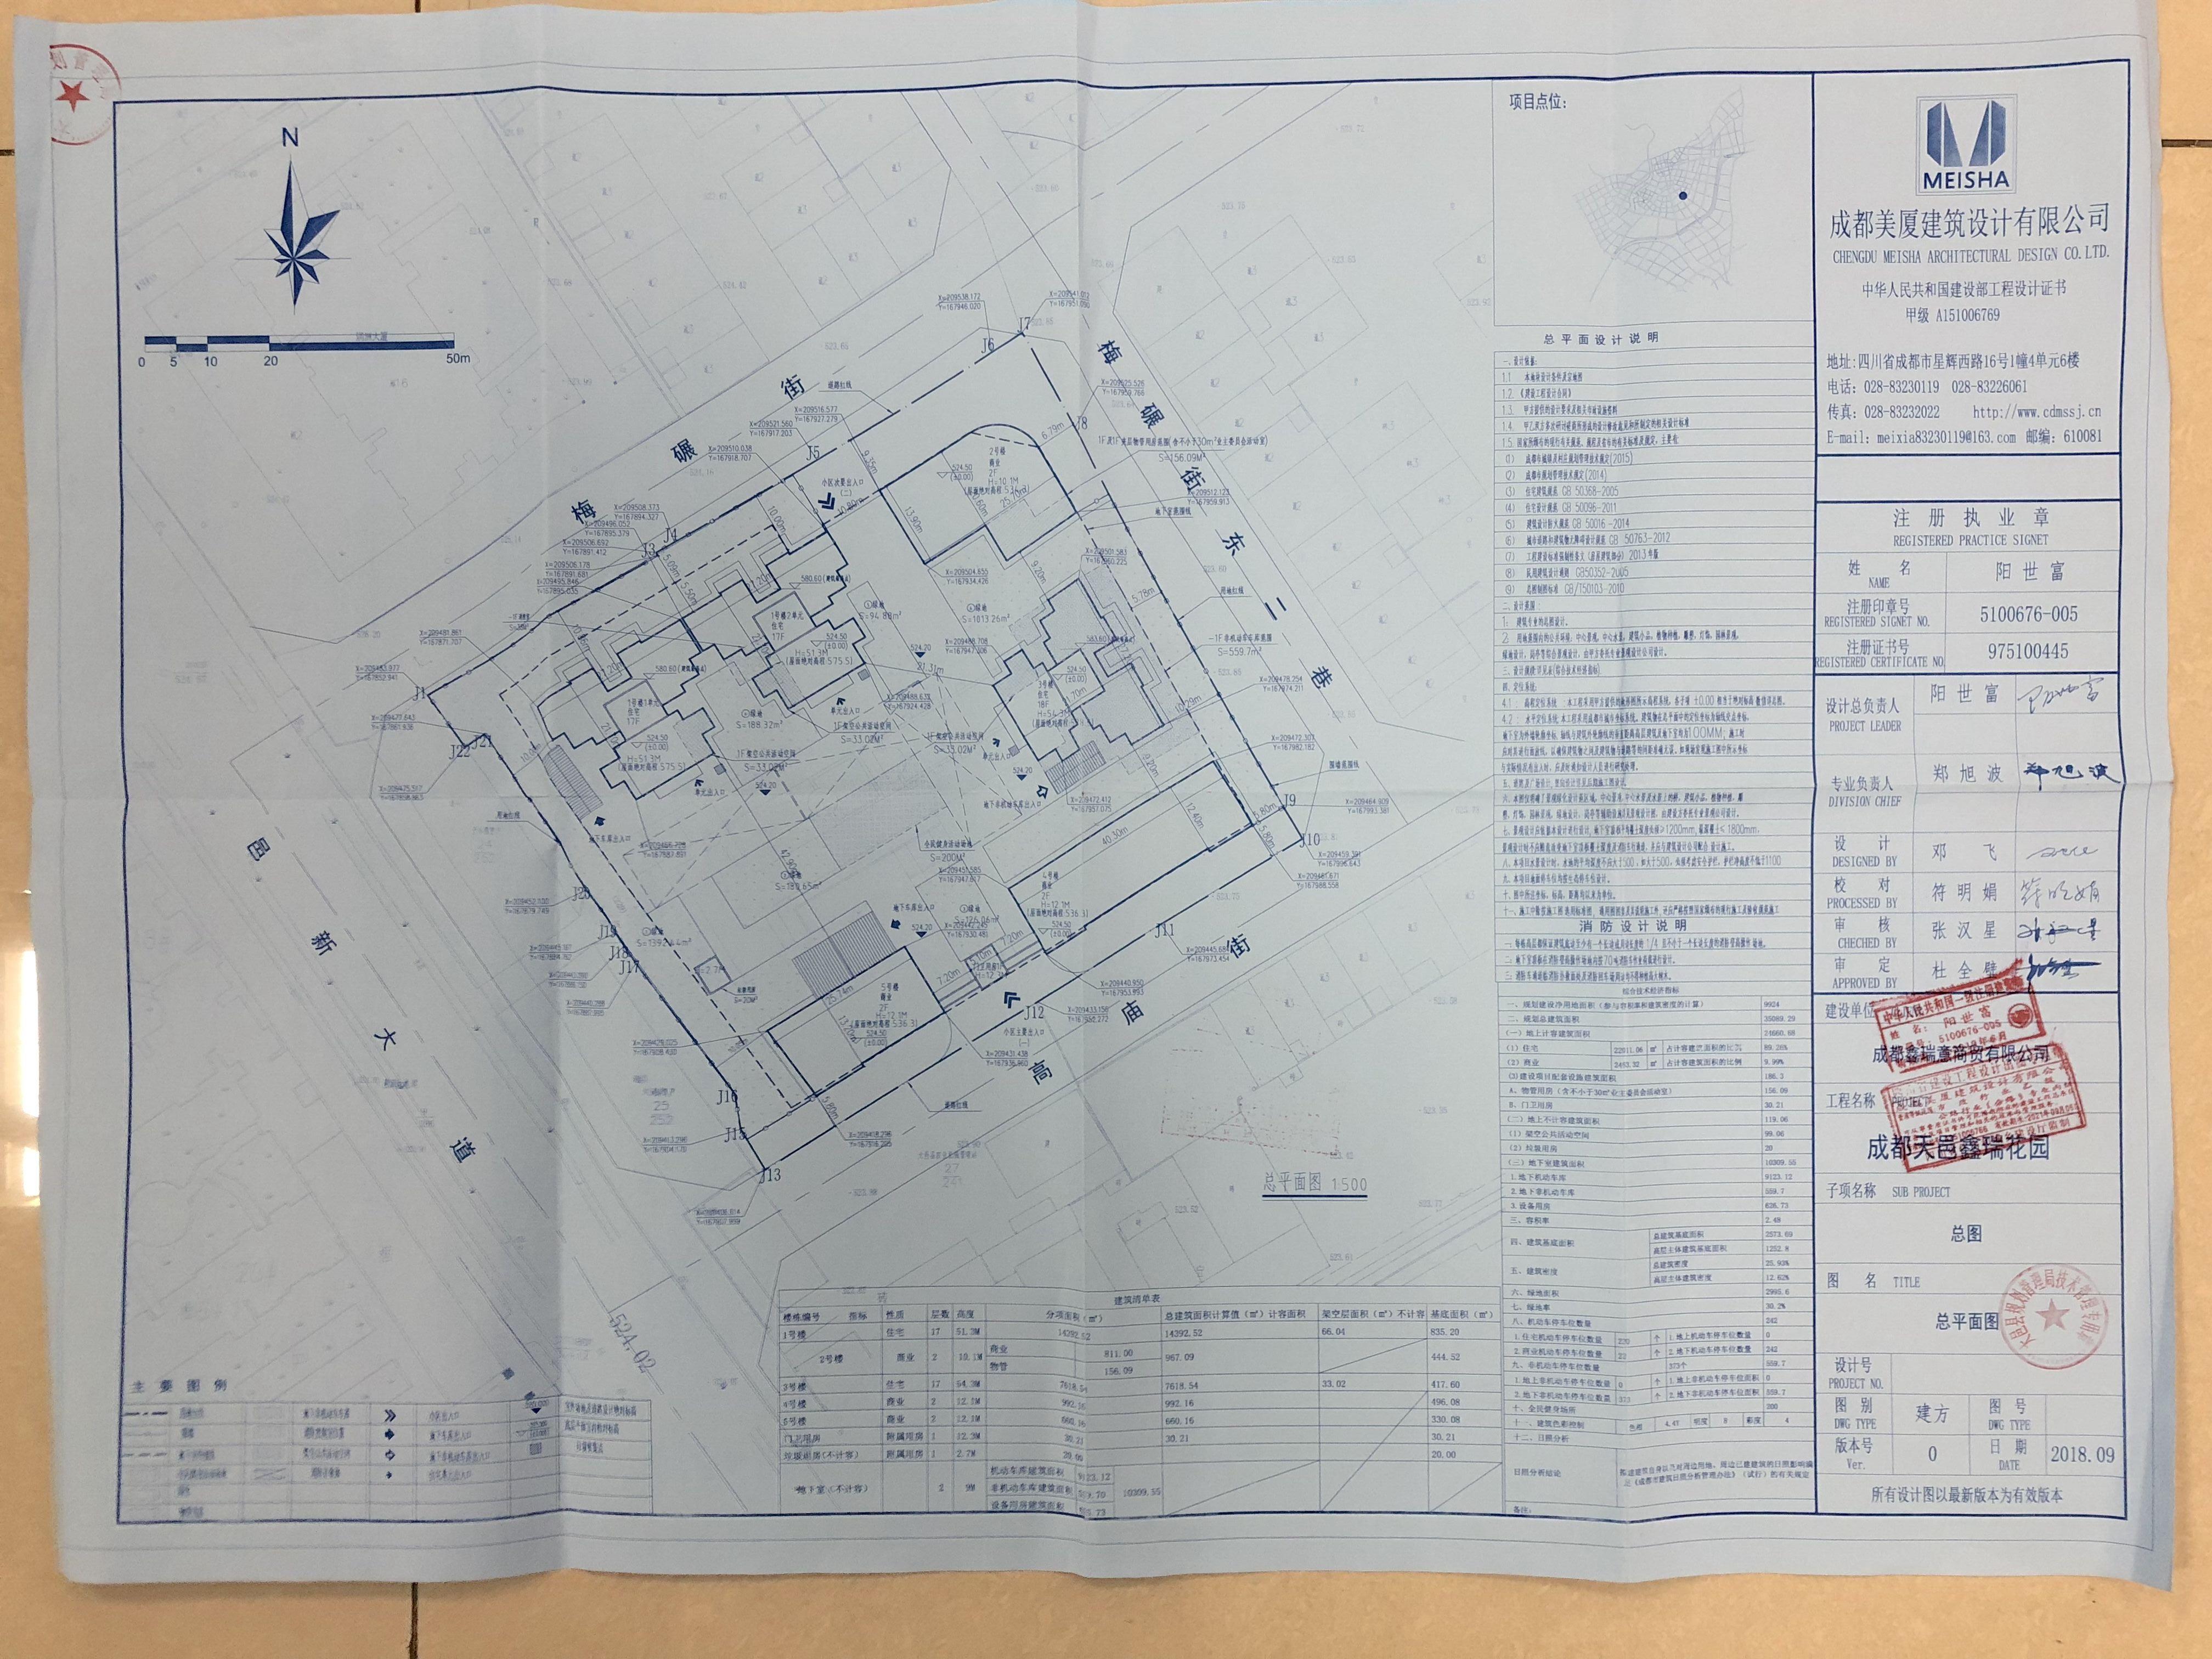 大渡口鑫瑞小区26栋户型图